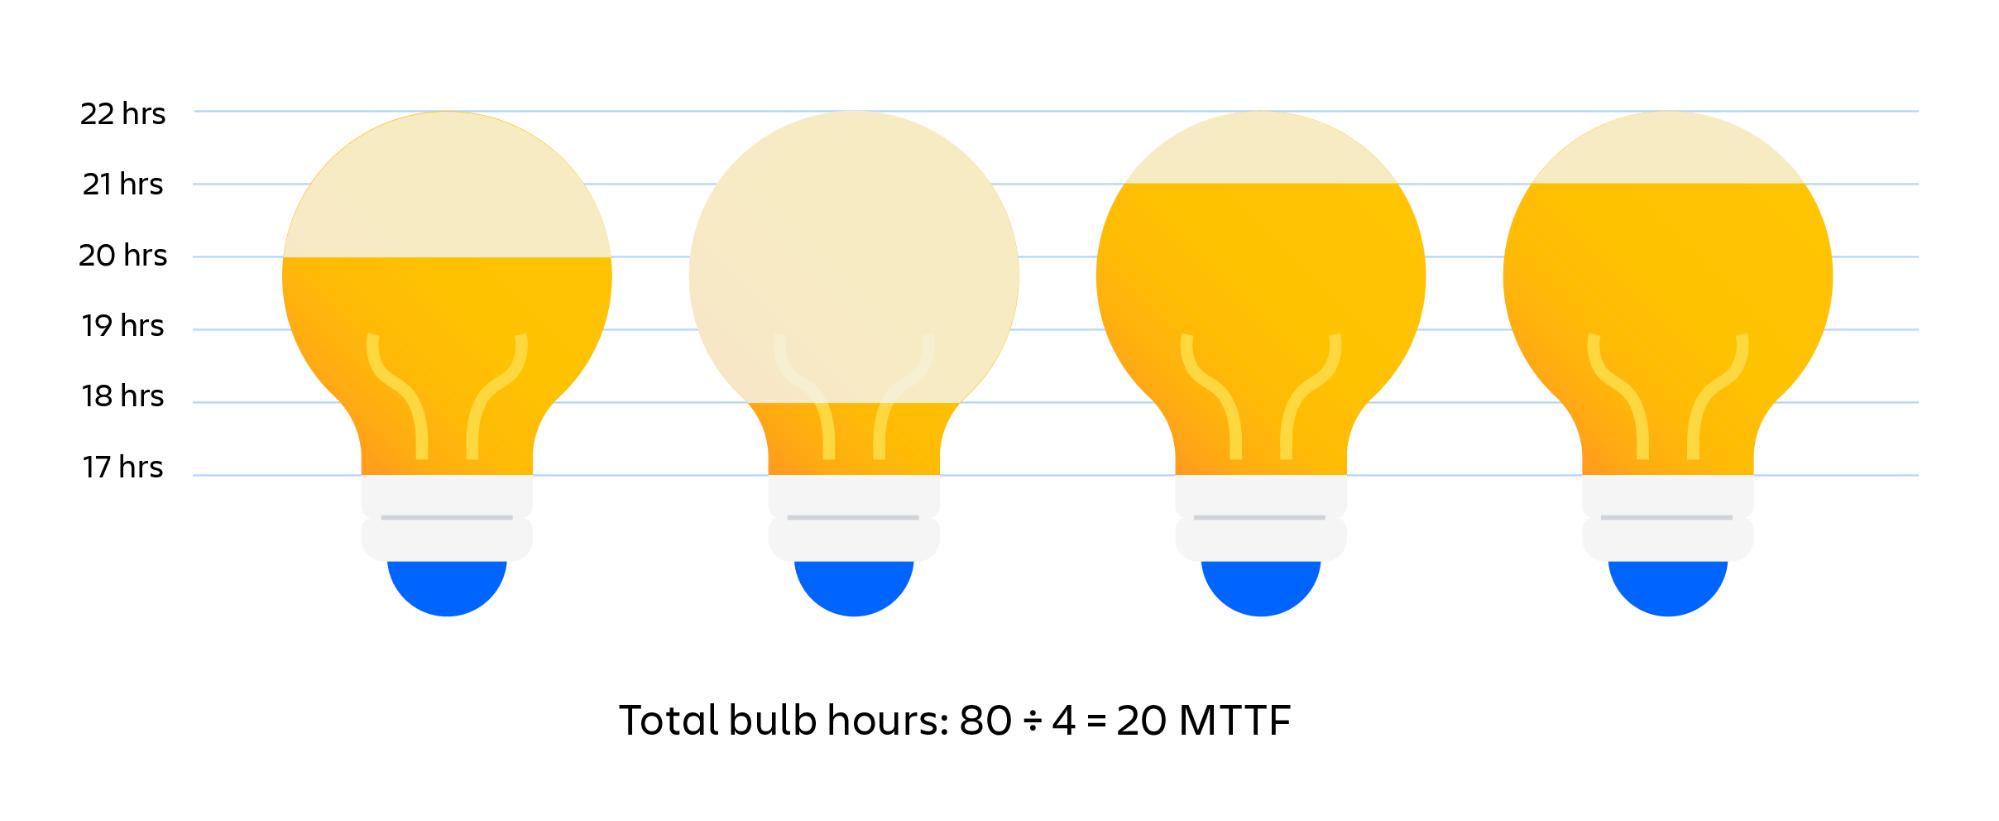 Ejemplo visual de cómo calcular el MTTF de las bombillas. El total de horas de las bombillas dividido por el número de bombillas es igual al MTTF (tiempo medio sin averías)